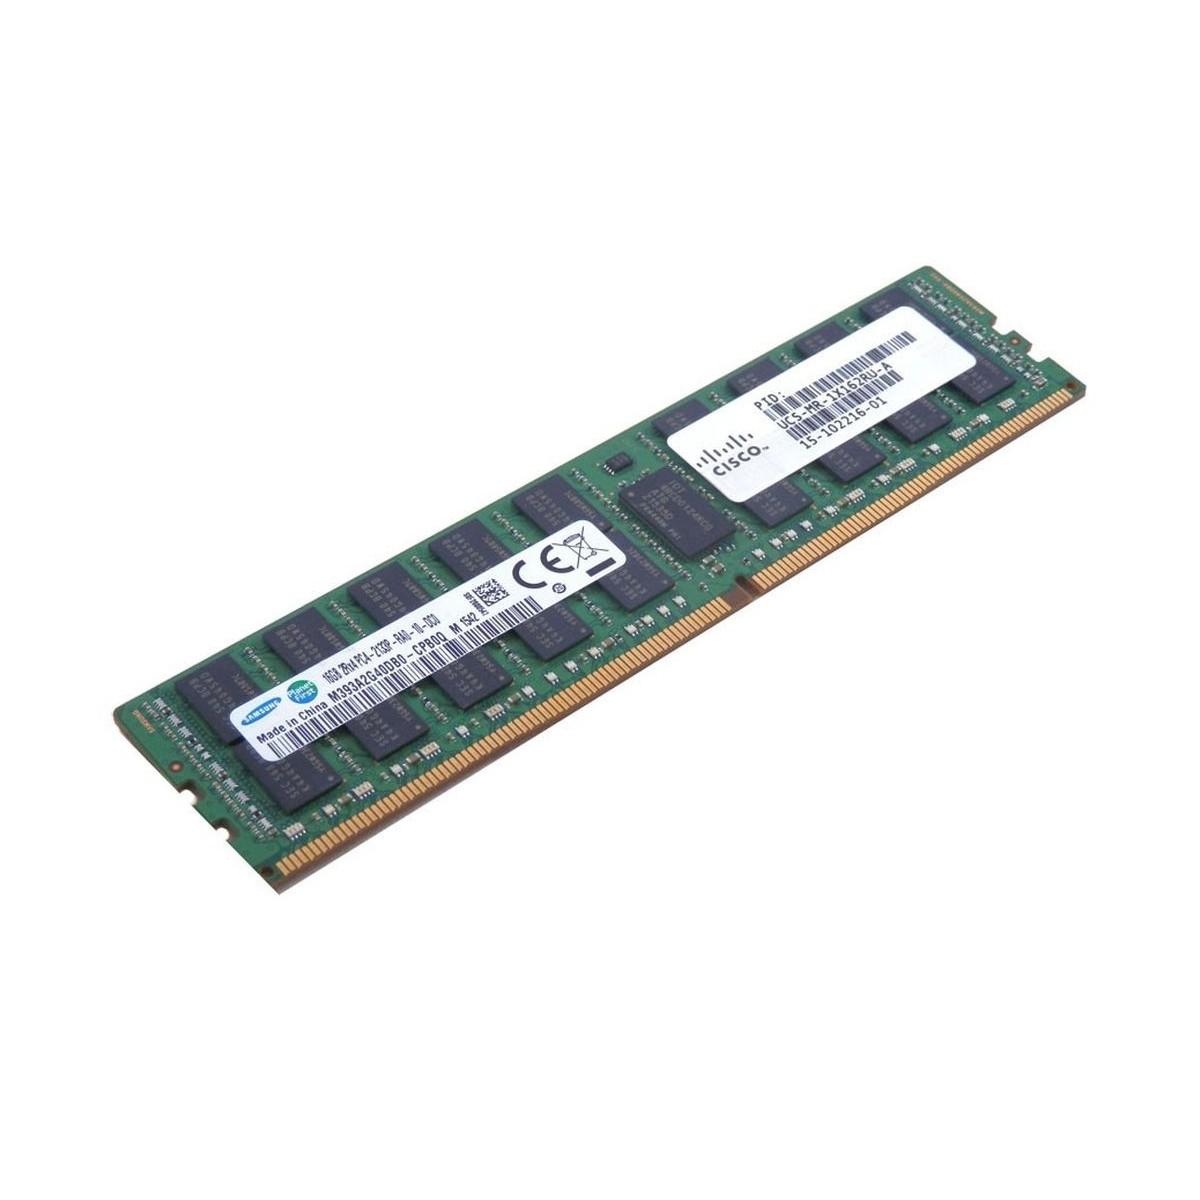 WIN2012 R2 15CAL+DELL R420 2.2 E5 2407 16GB 2xSSD